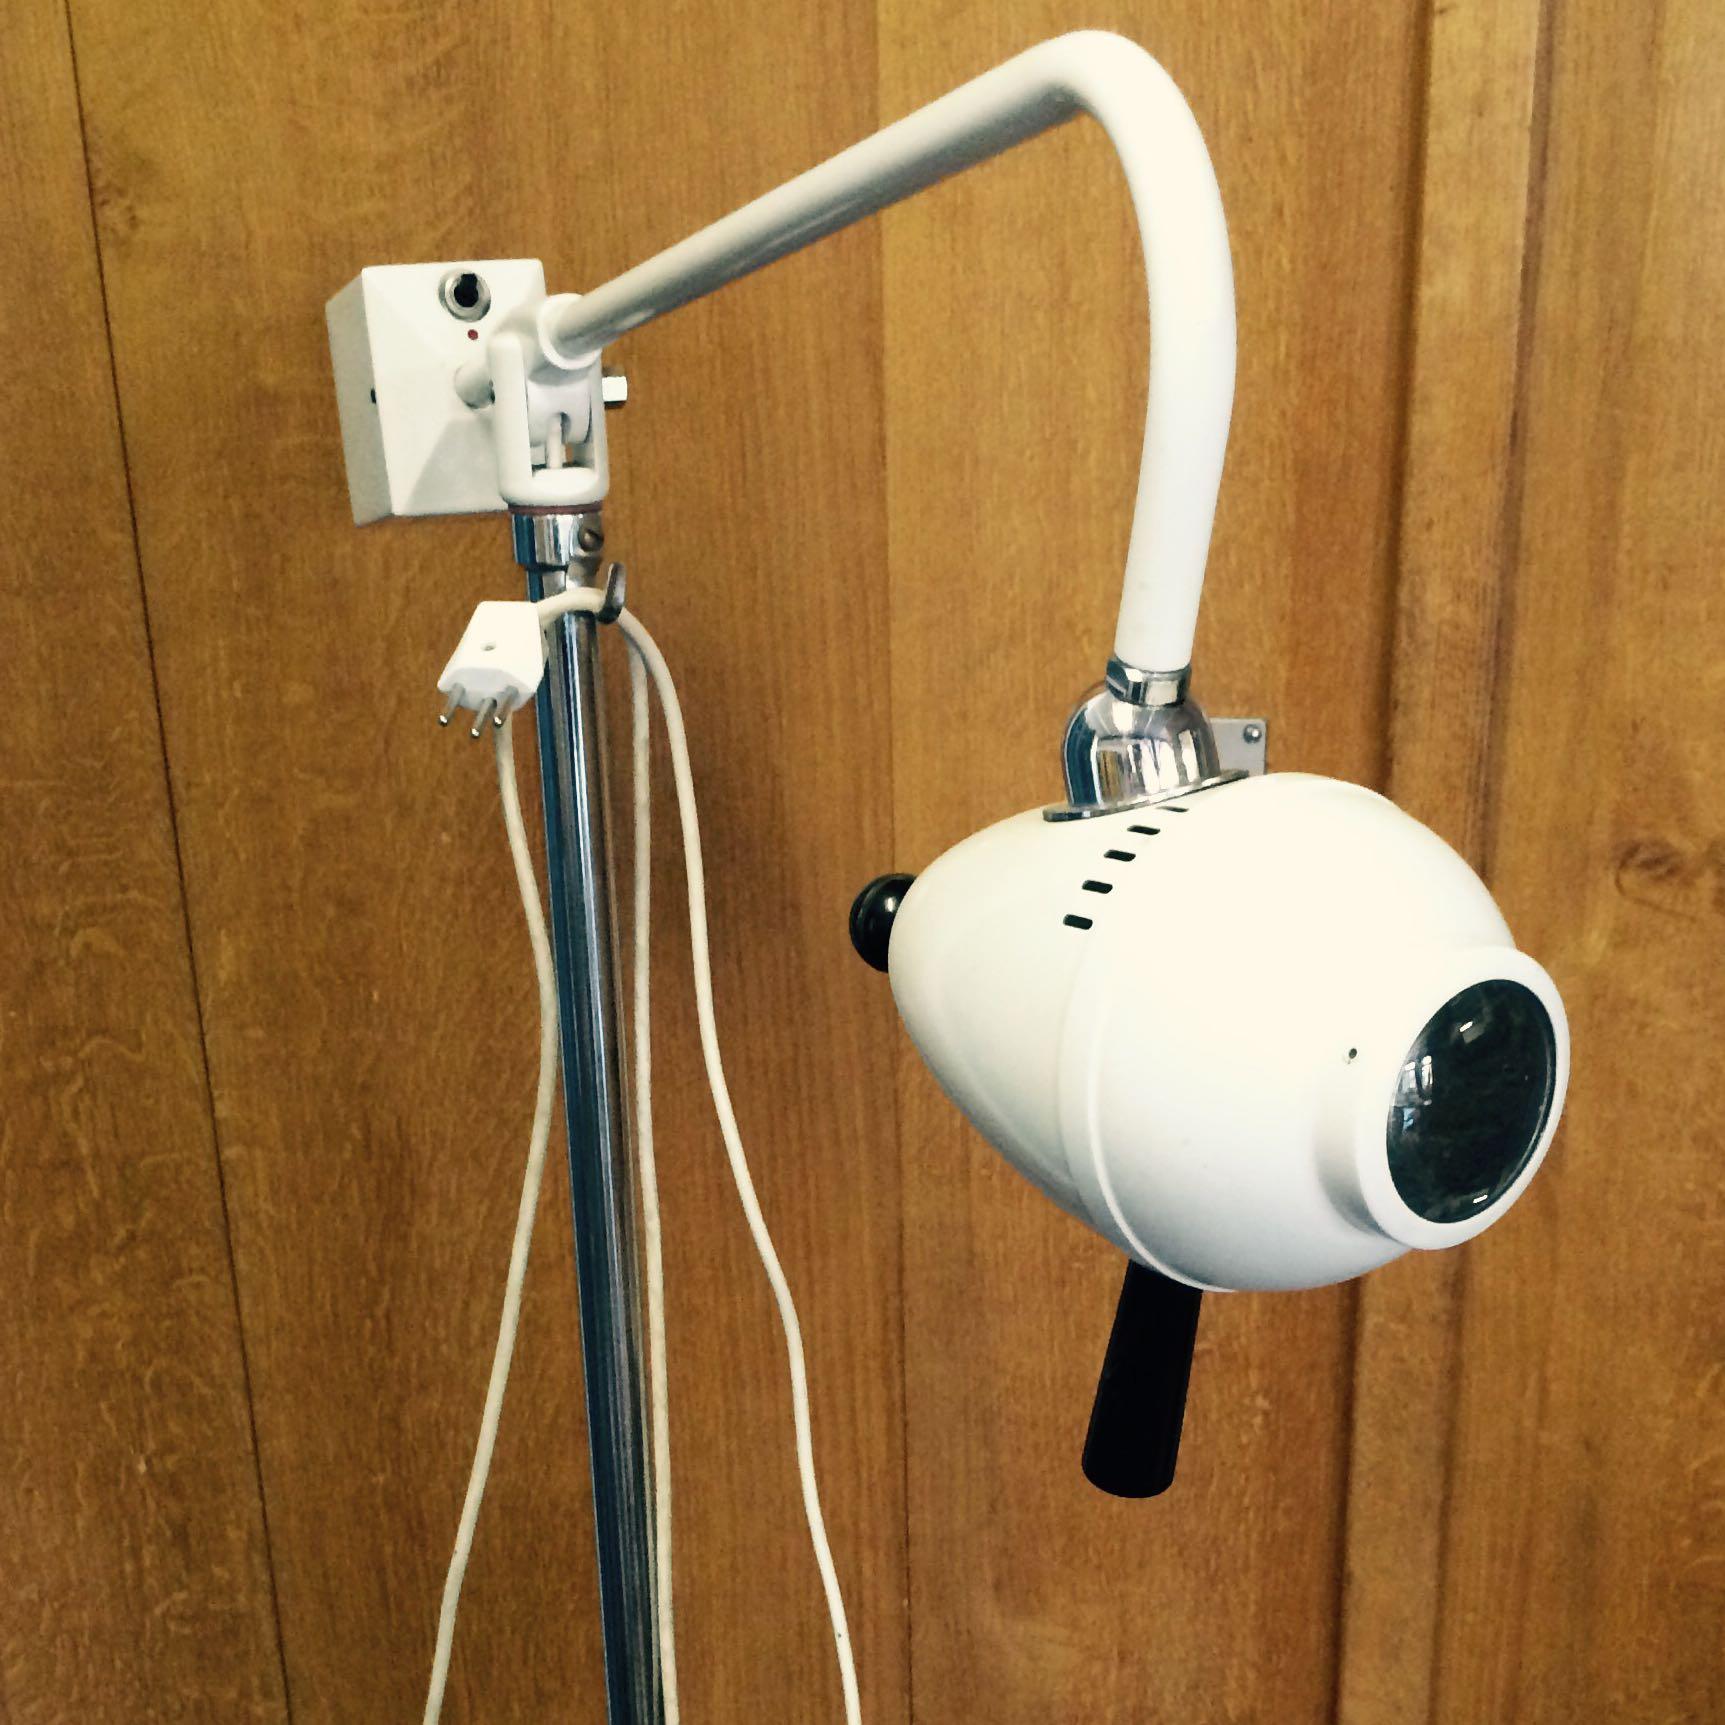 weiss jemand was das f r eine lampe ist medizin ger t. Black Bedroom Furniture Sets. Home Design Ideas